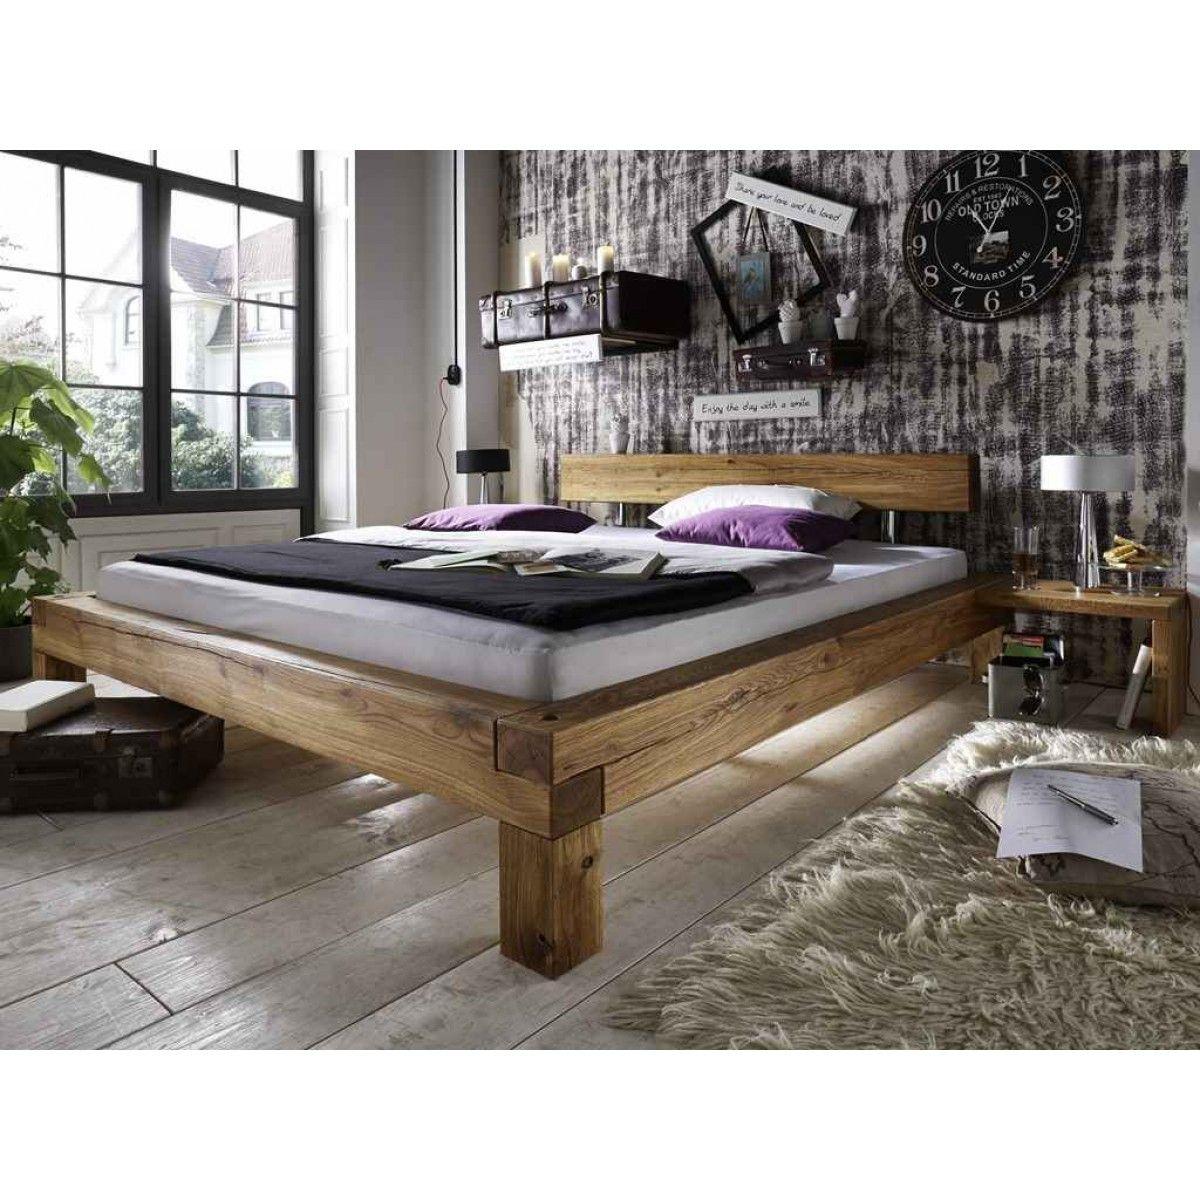 Full Size of Bett Eiche Massiv 180x200 Massivholz 140x200 Ohne Kopfteil Ruf Betten Fabrikverkauf Schwebendes Weiß Günstige Podest Bett Bett Eiche Massiv 180x200